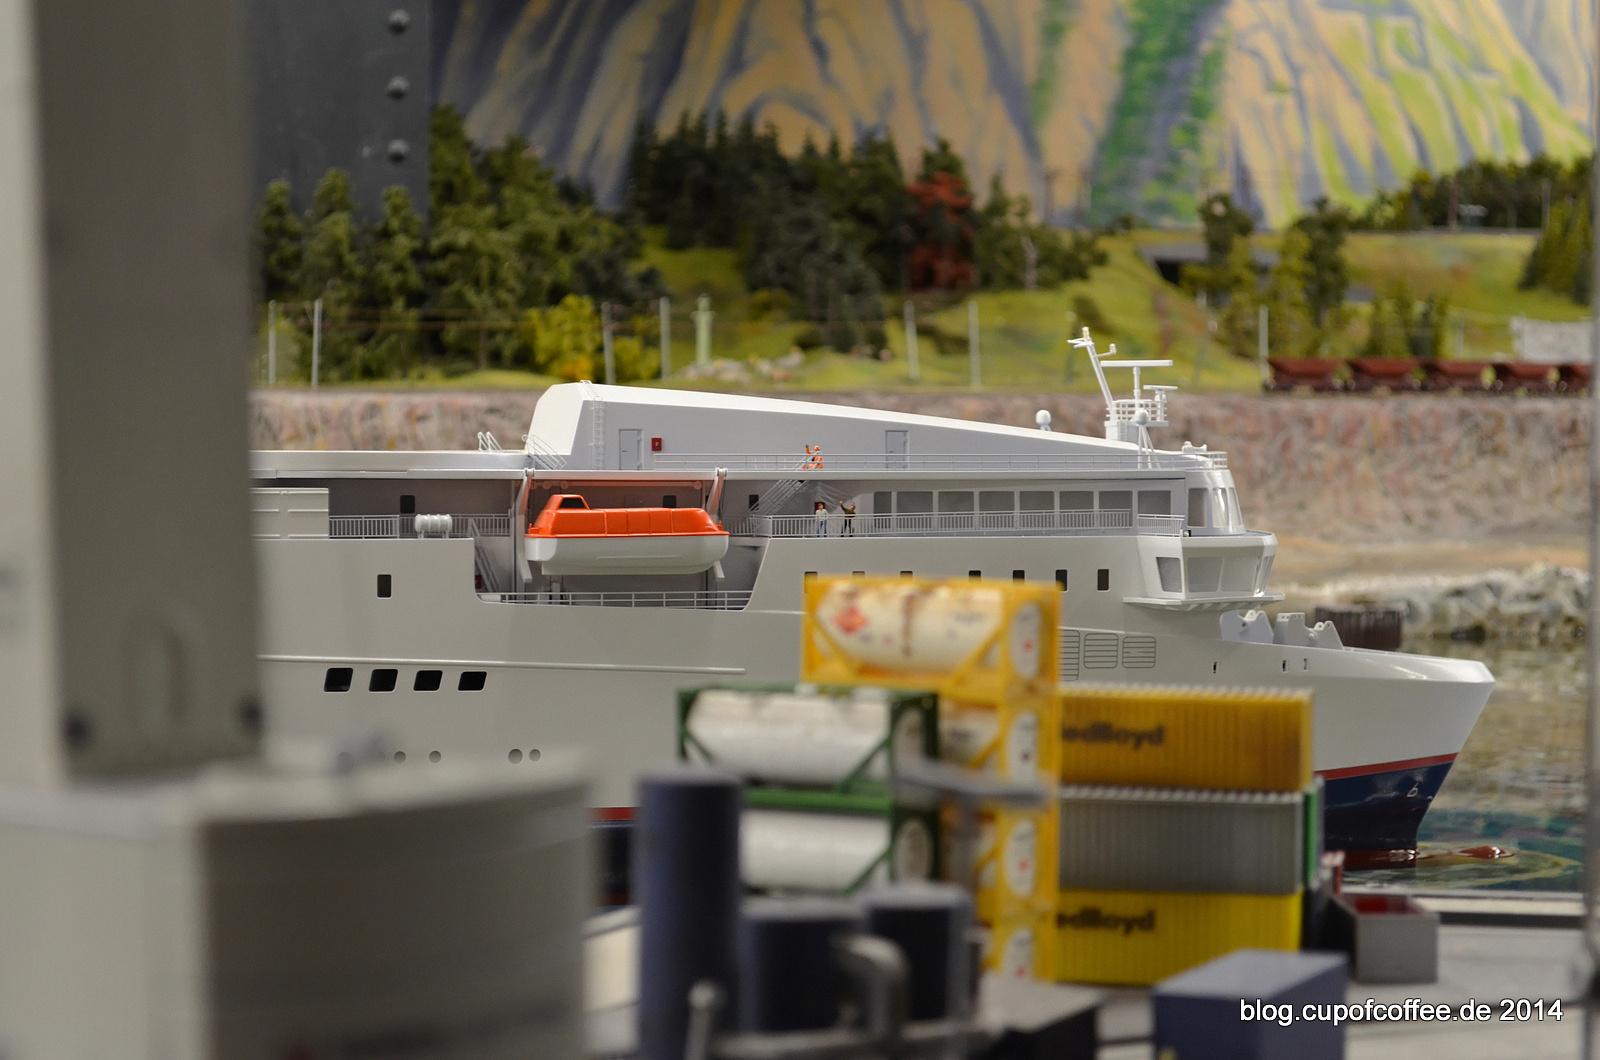 Fähre BERLIN läuft im Hafen von Bergvik ein.